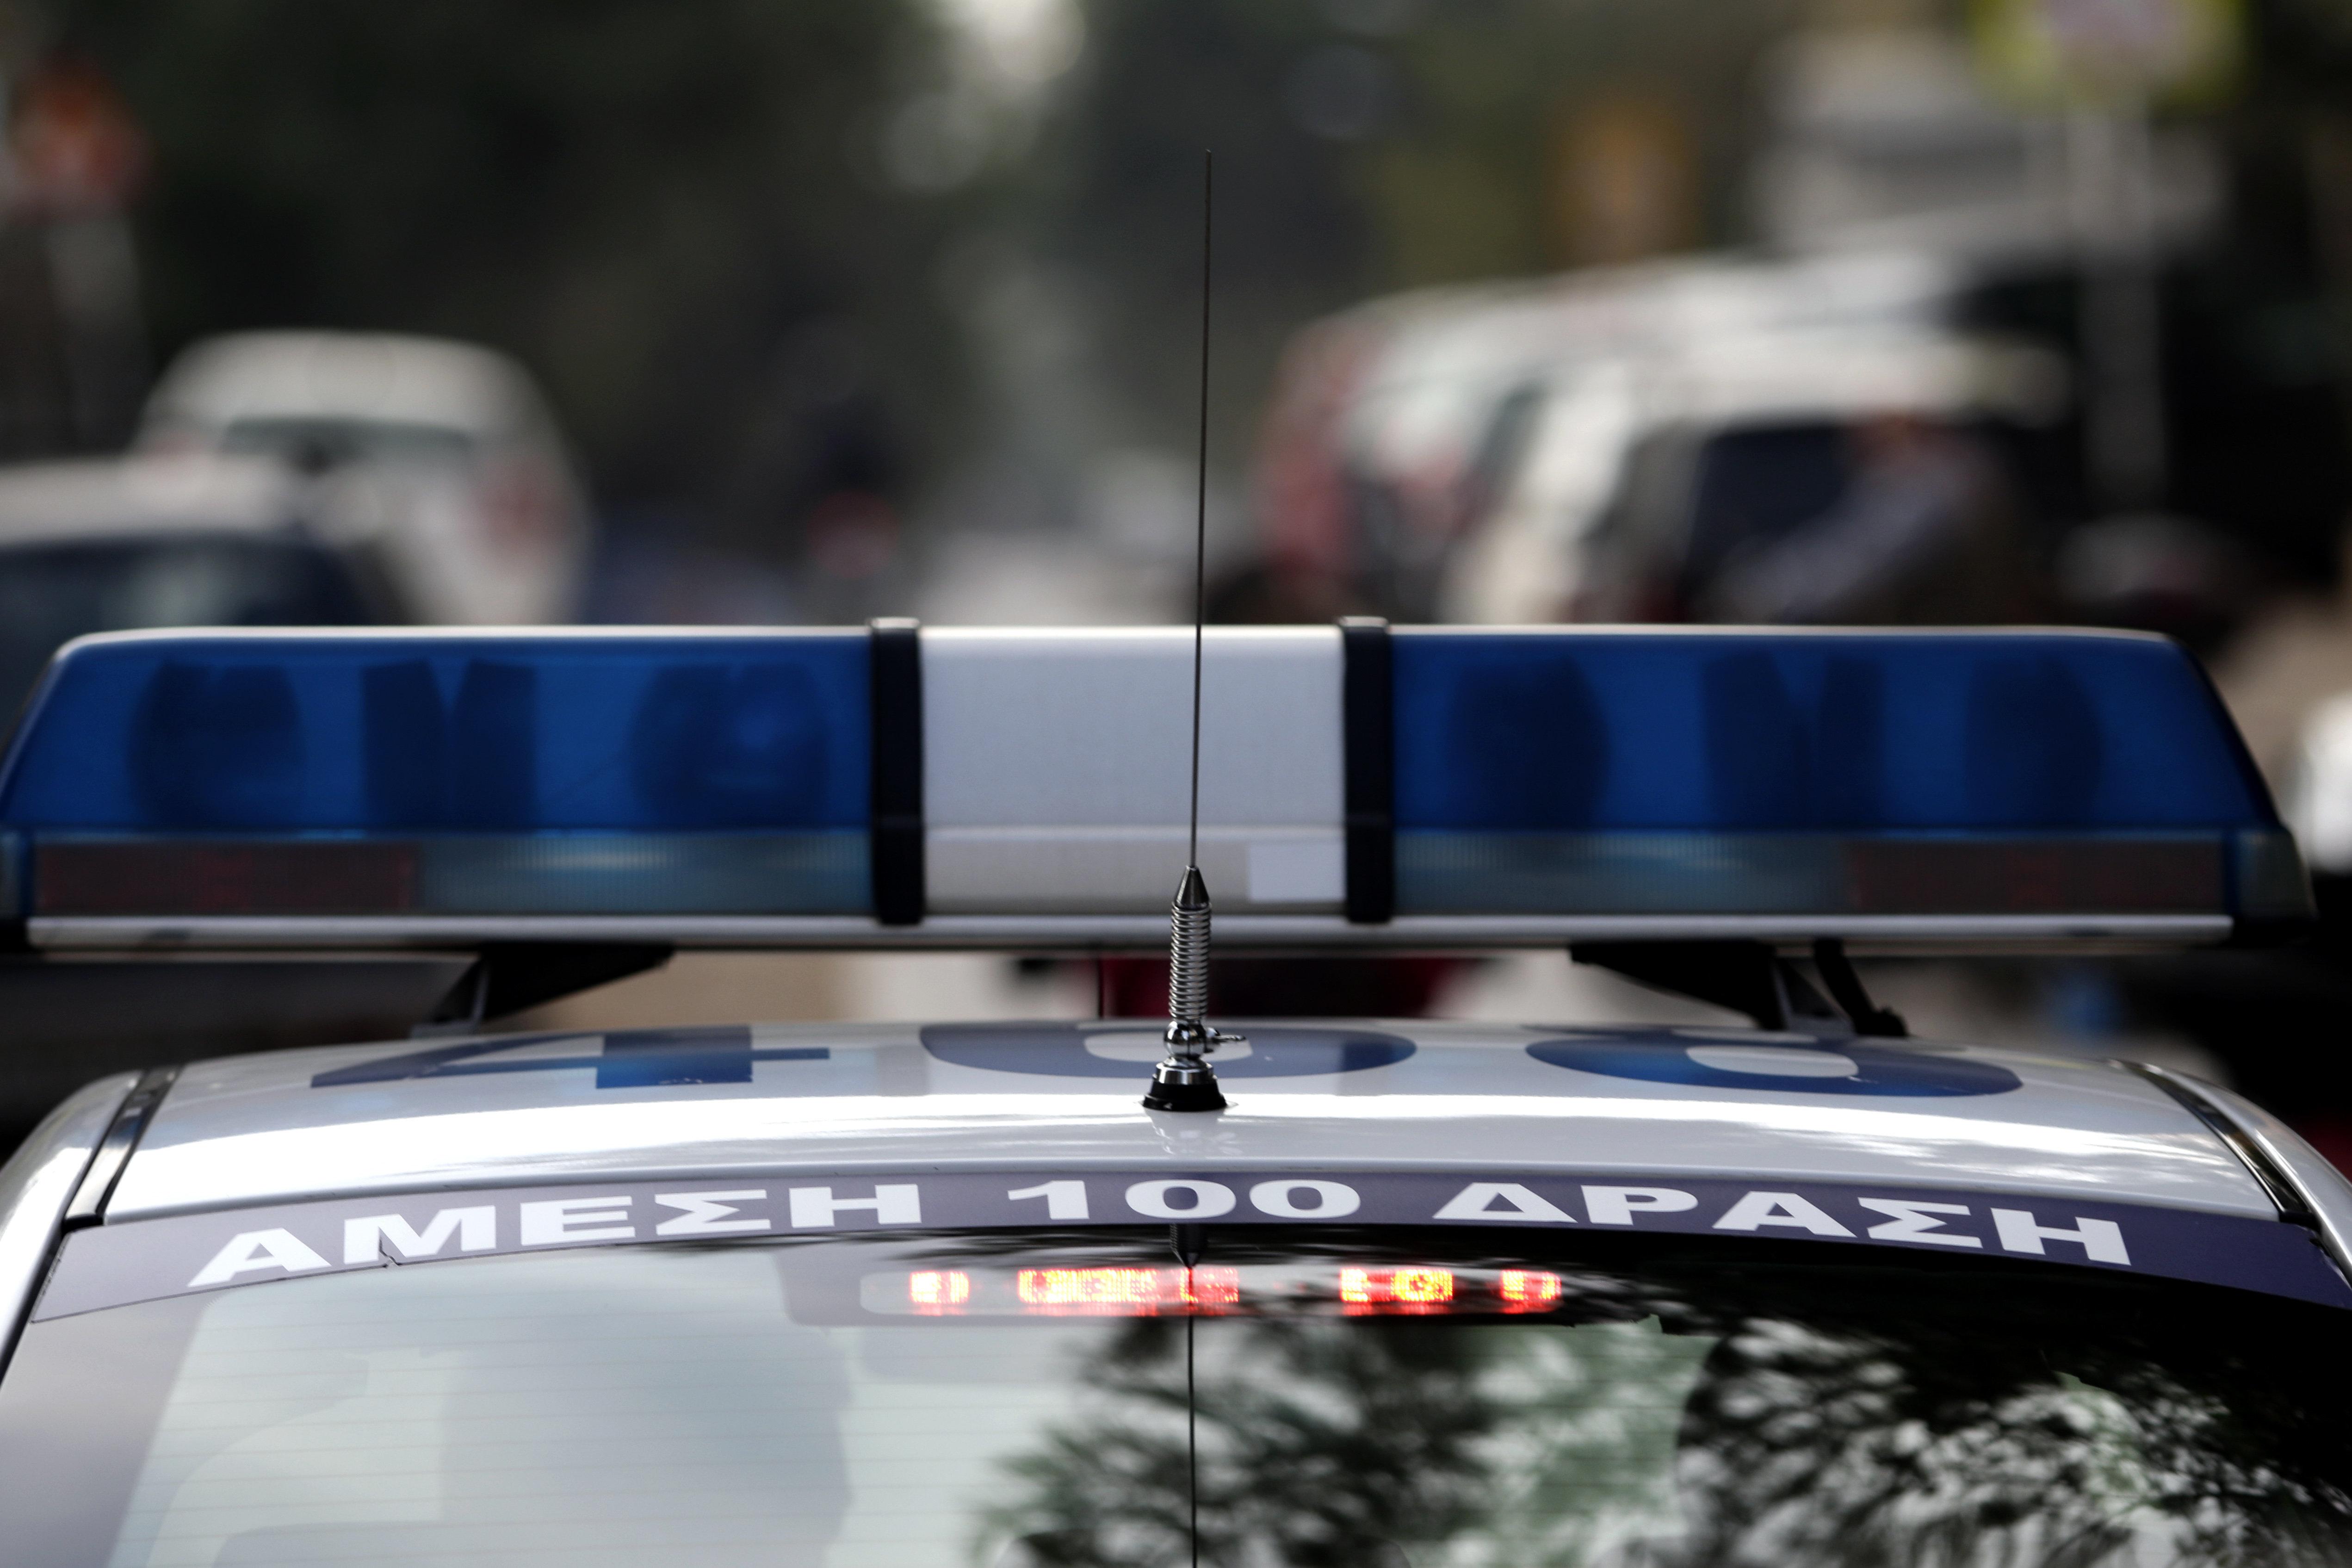 Θεσσαλονίκη: Οκτώ συλλήψεις το τελευταίο 24ωρο για πώληση λαθραίων τσιγάρων και